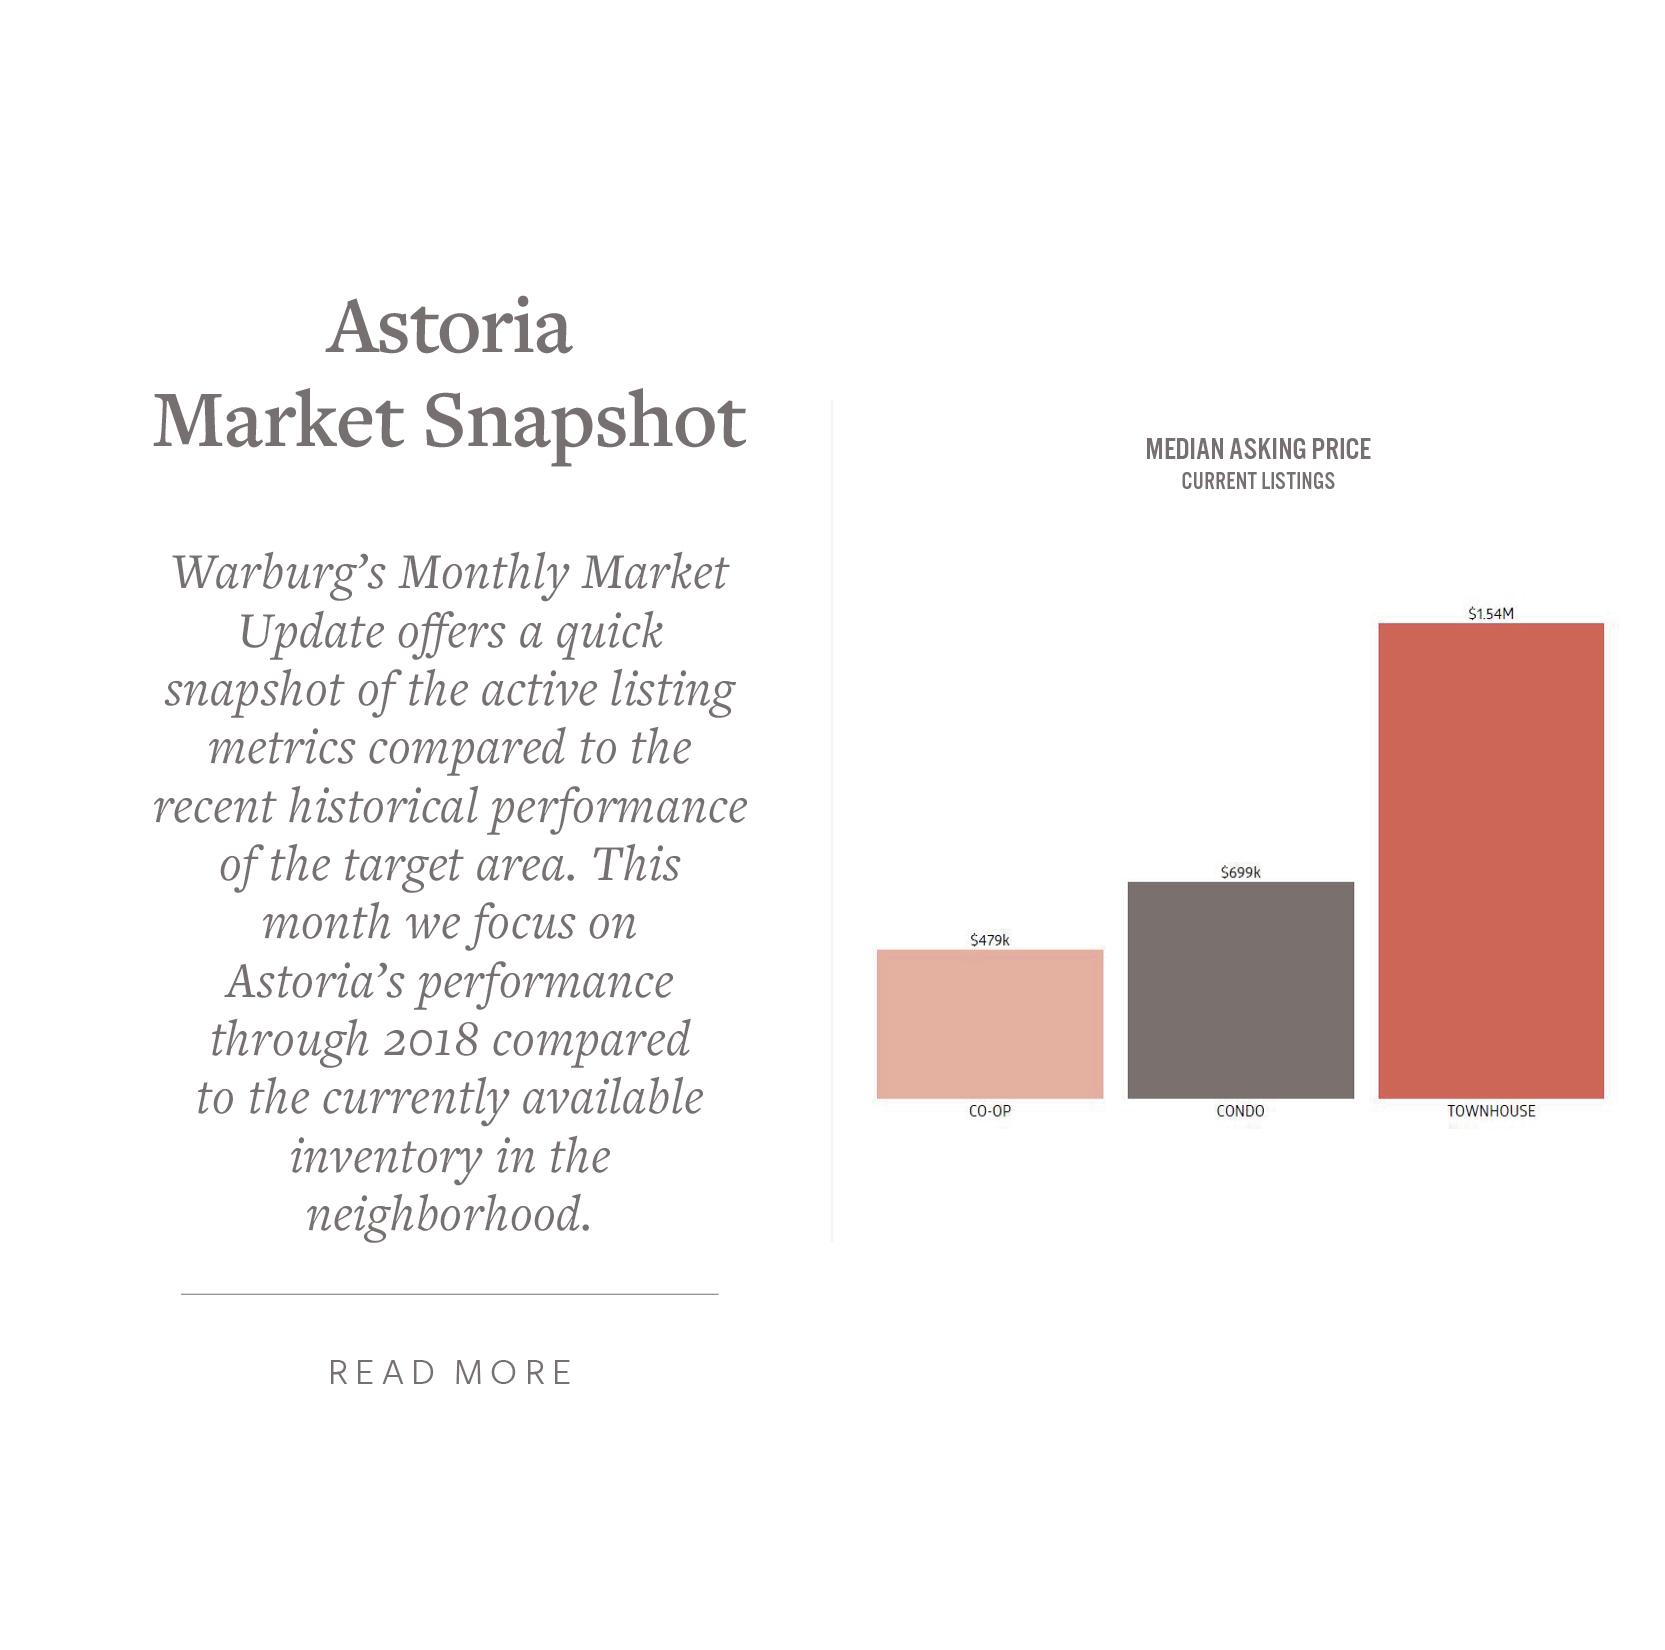 Astoria9